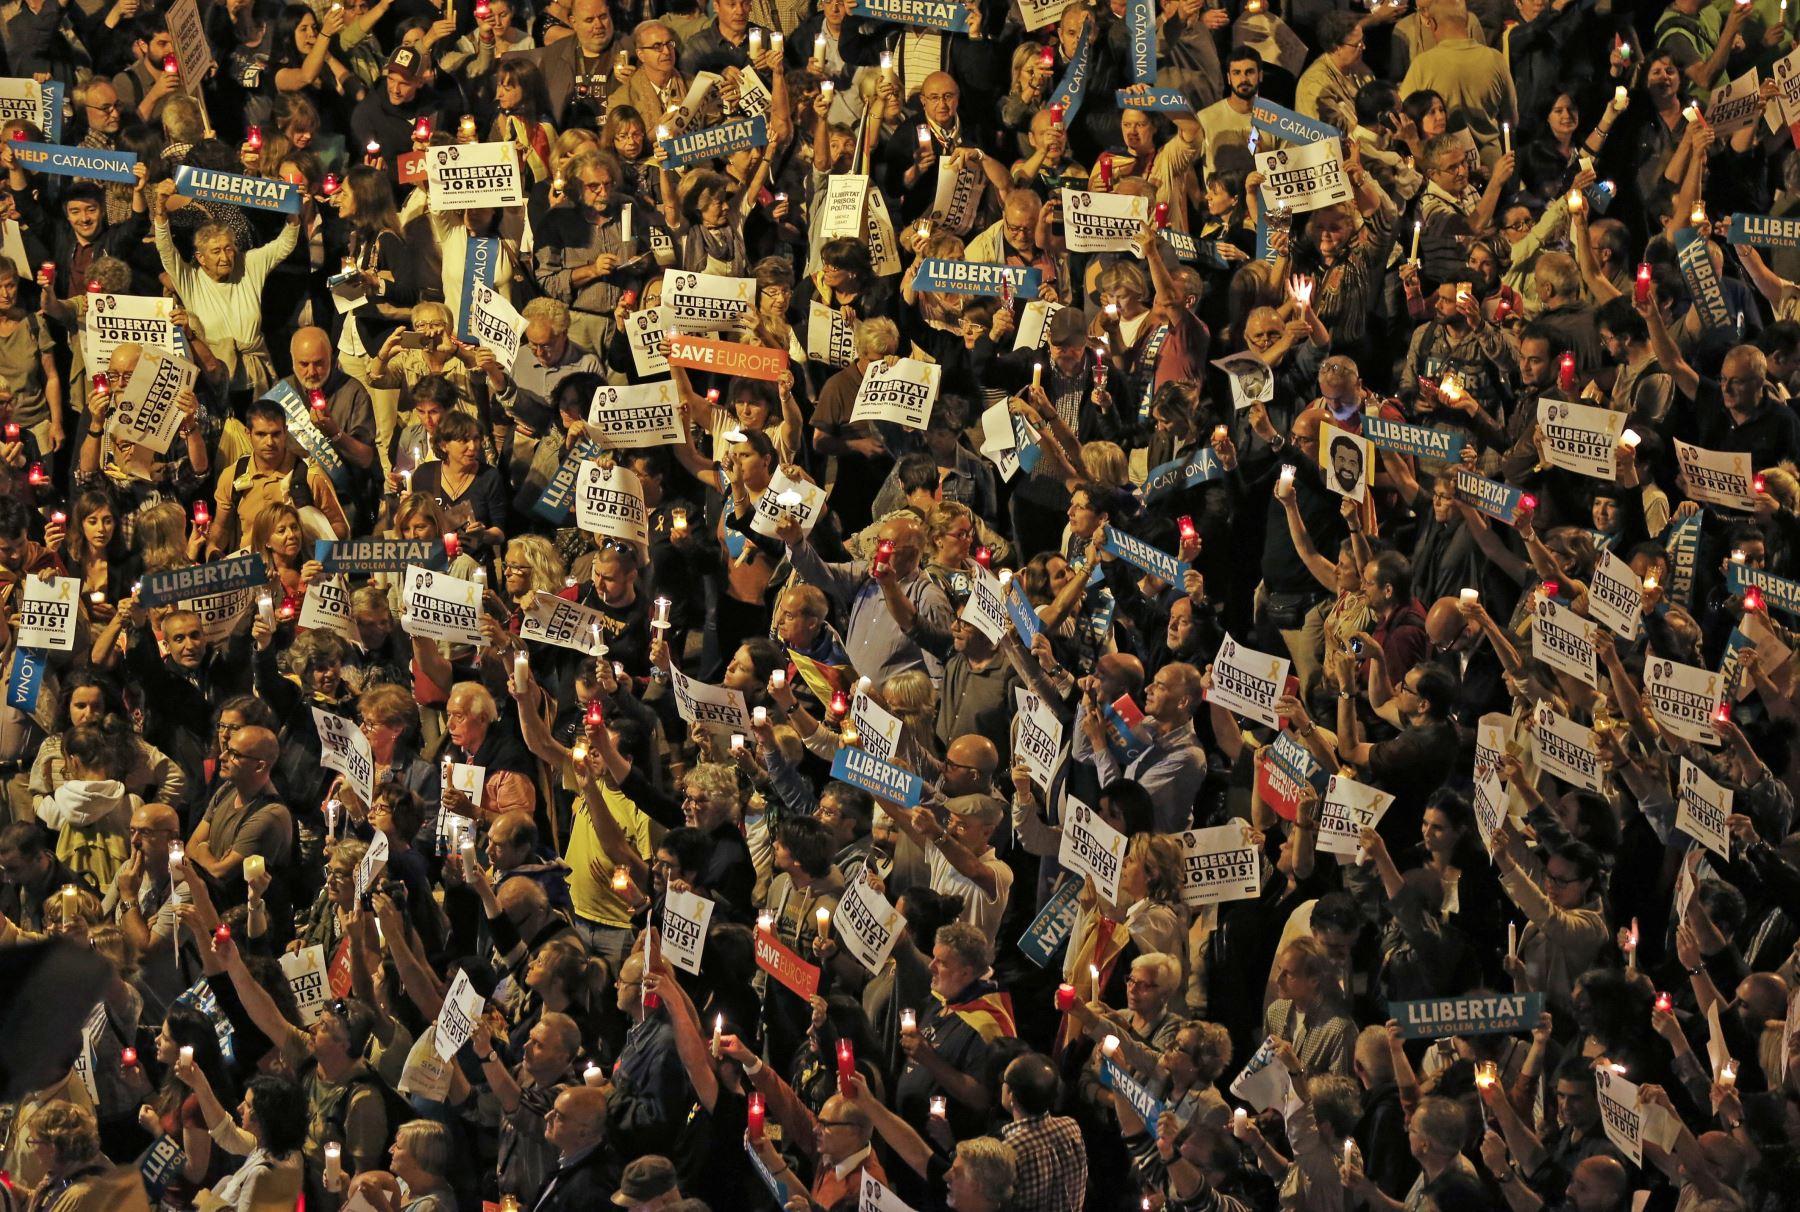 Miles de personas salieron a las calles de Barcelona para exigir la libertad de dos líderes separatistas catalanes. Foto: AFP